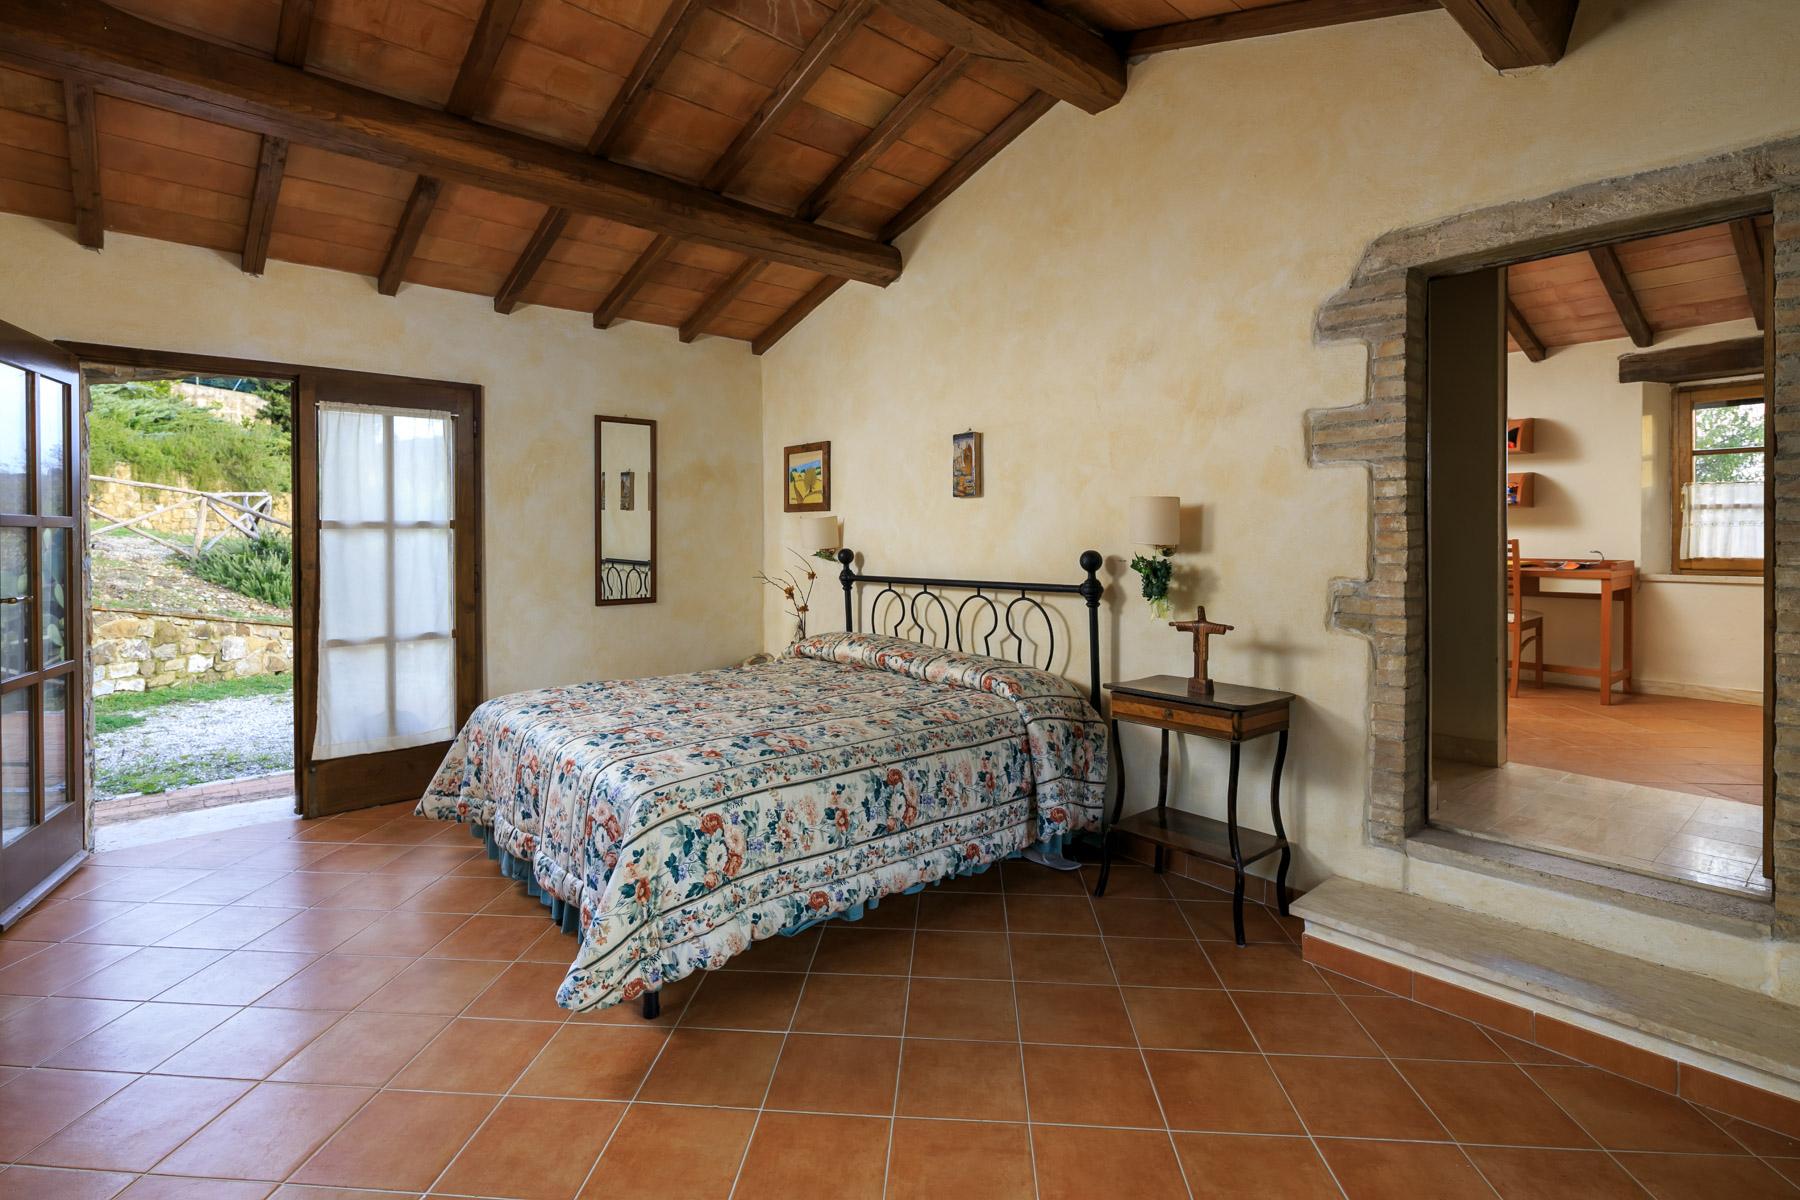 Rustico in Vendita a Manciano: 5 locali, 500 mq - Foto 22